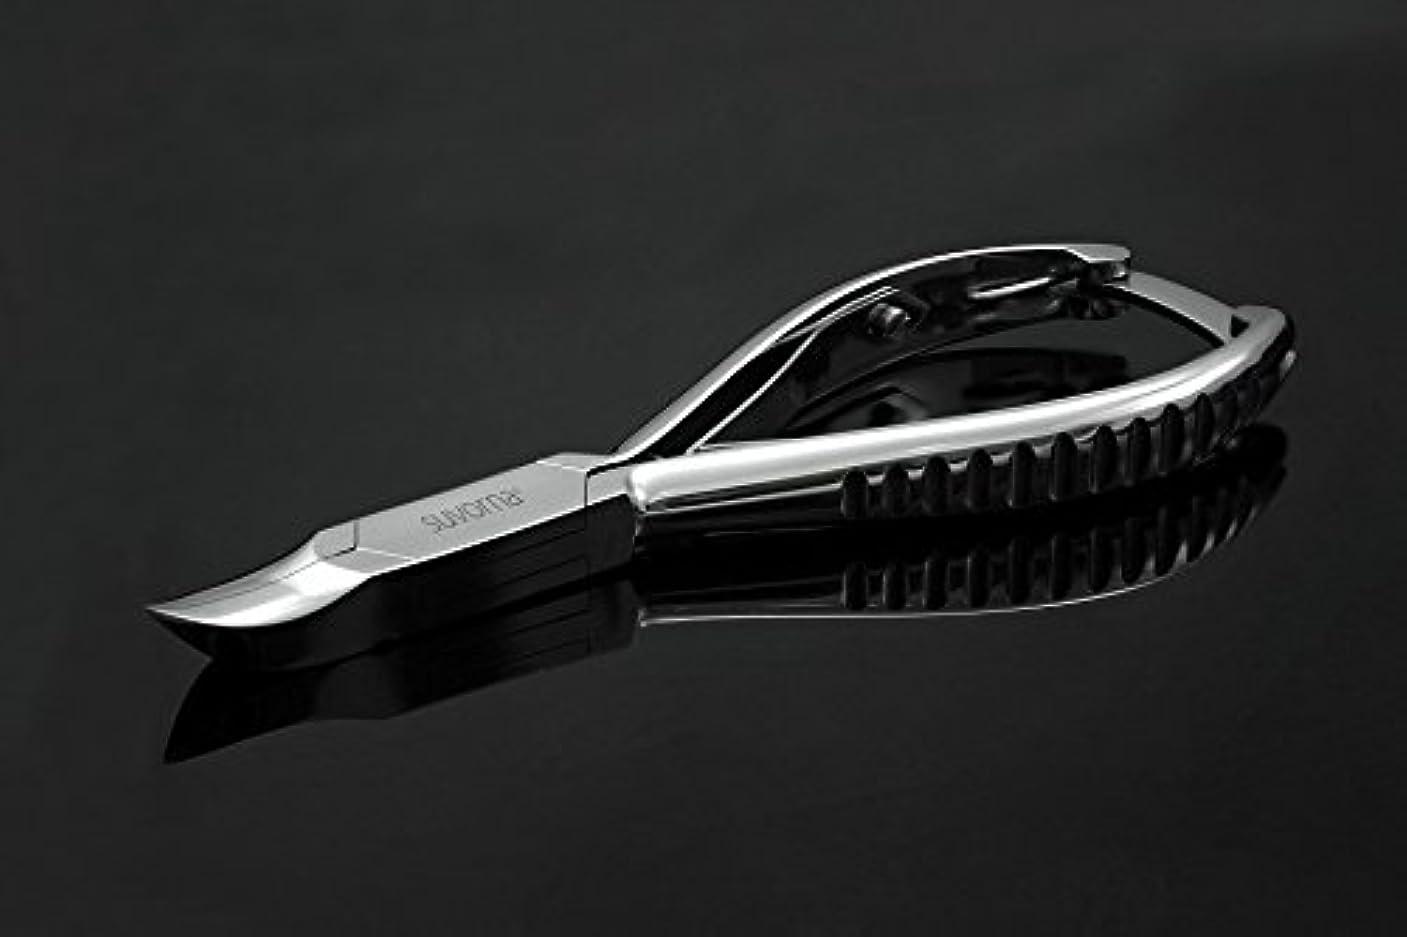 公爵夫人接辞後スヴォルナ プロ仕様 5.5インチ (14センチ) ペディキュア 分厚い足の爪 ニッパー 曲面顎 & バックロック 3109 (インポート)